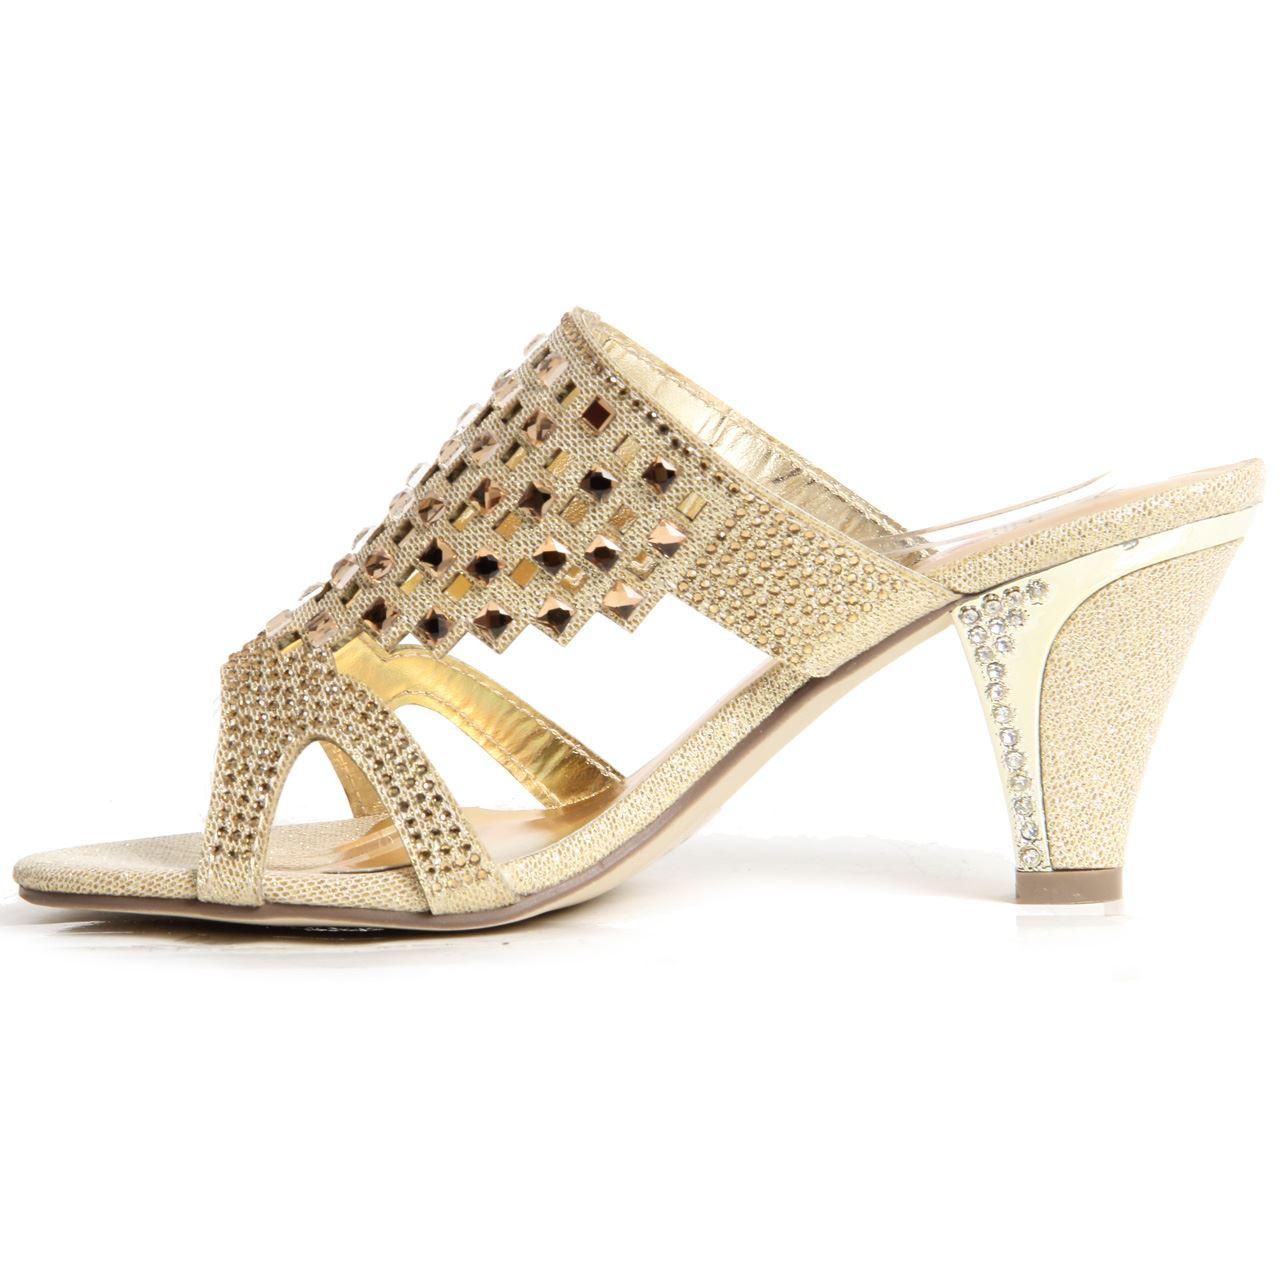 Bloque À Sandales Cintillant Diamant Talon Enfiler Femmes Chaussures Soirée E7wqTC